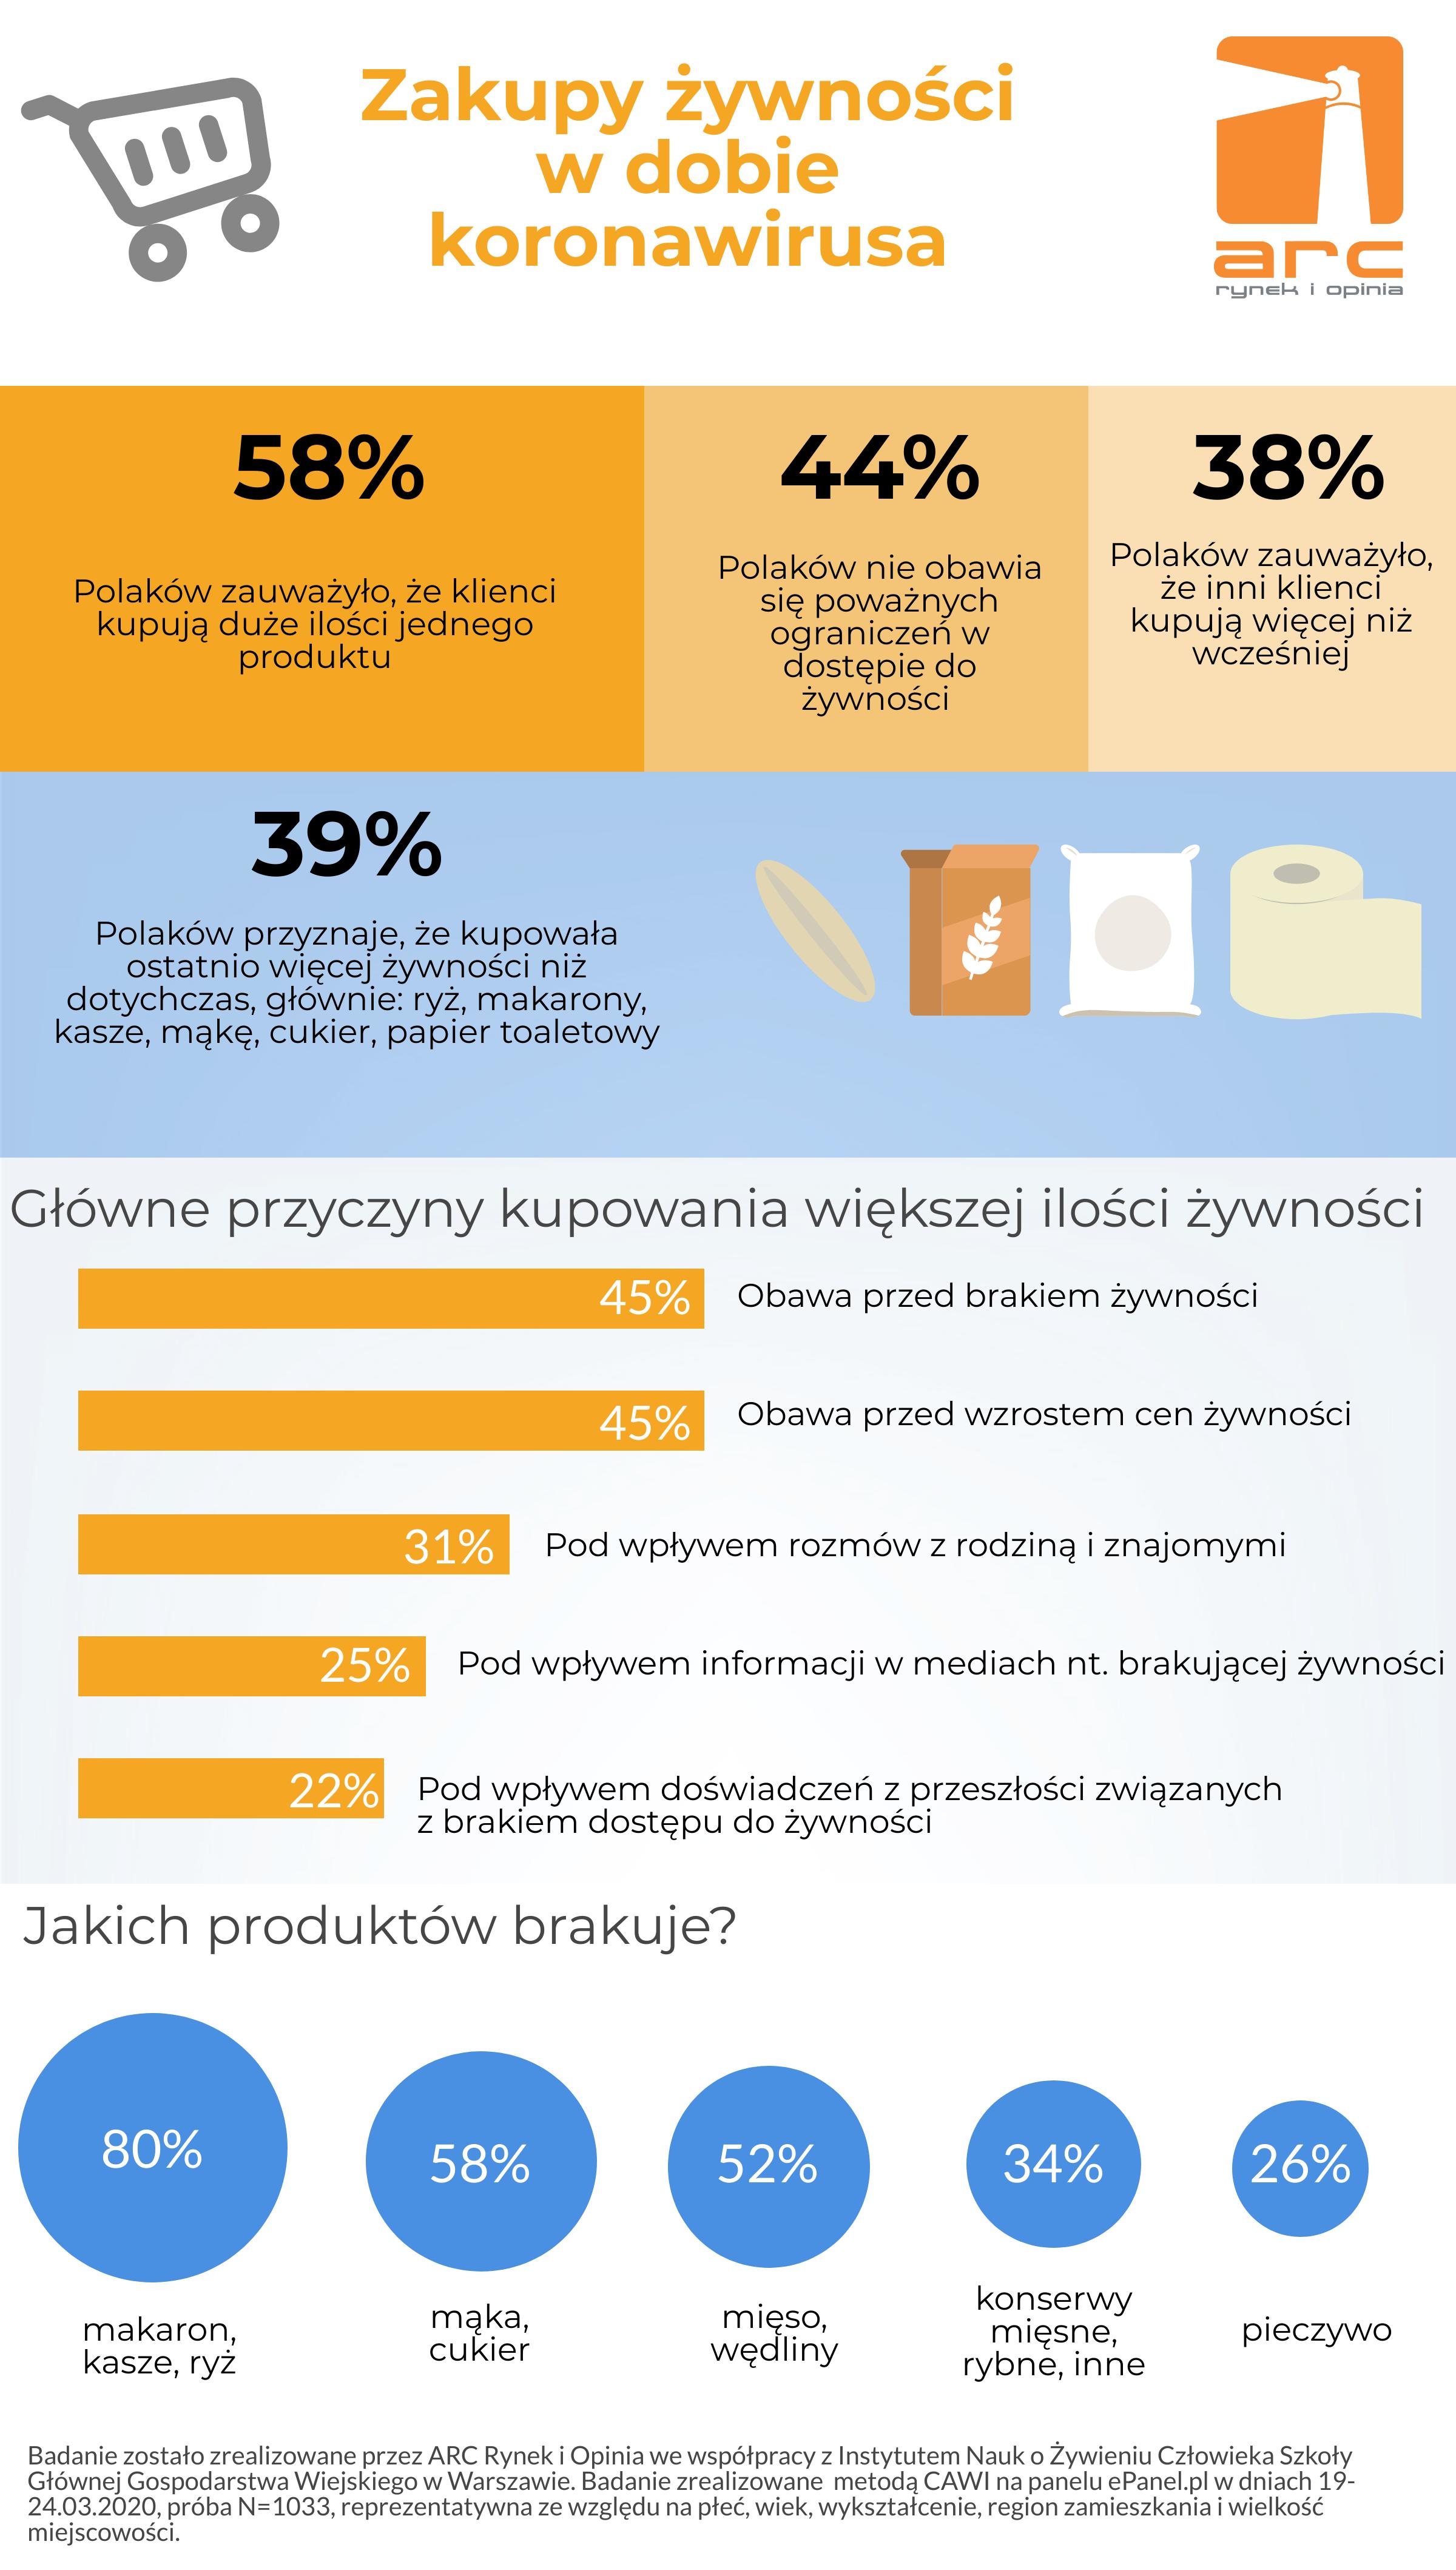 Część Polaków kupuje więcej żywności w czasie epidemii koronawirusa